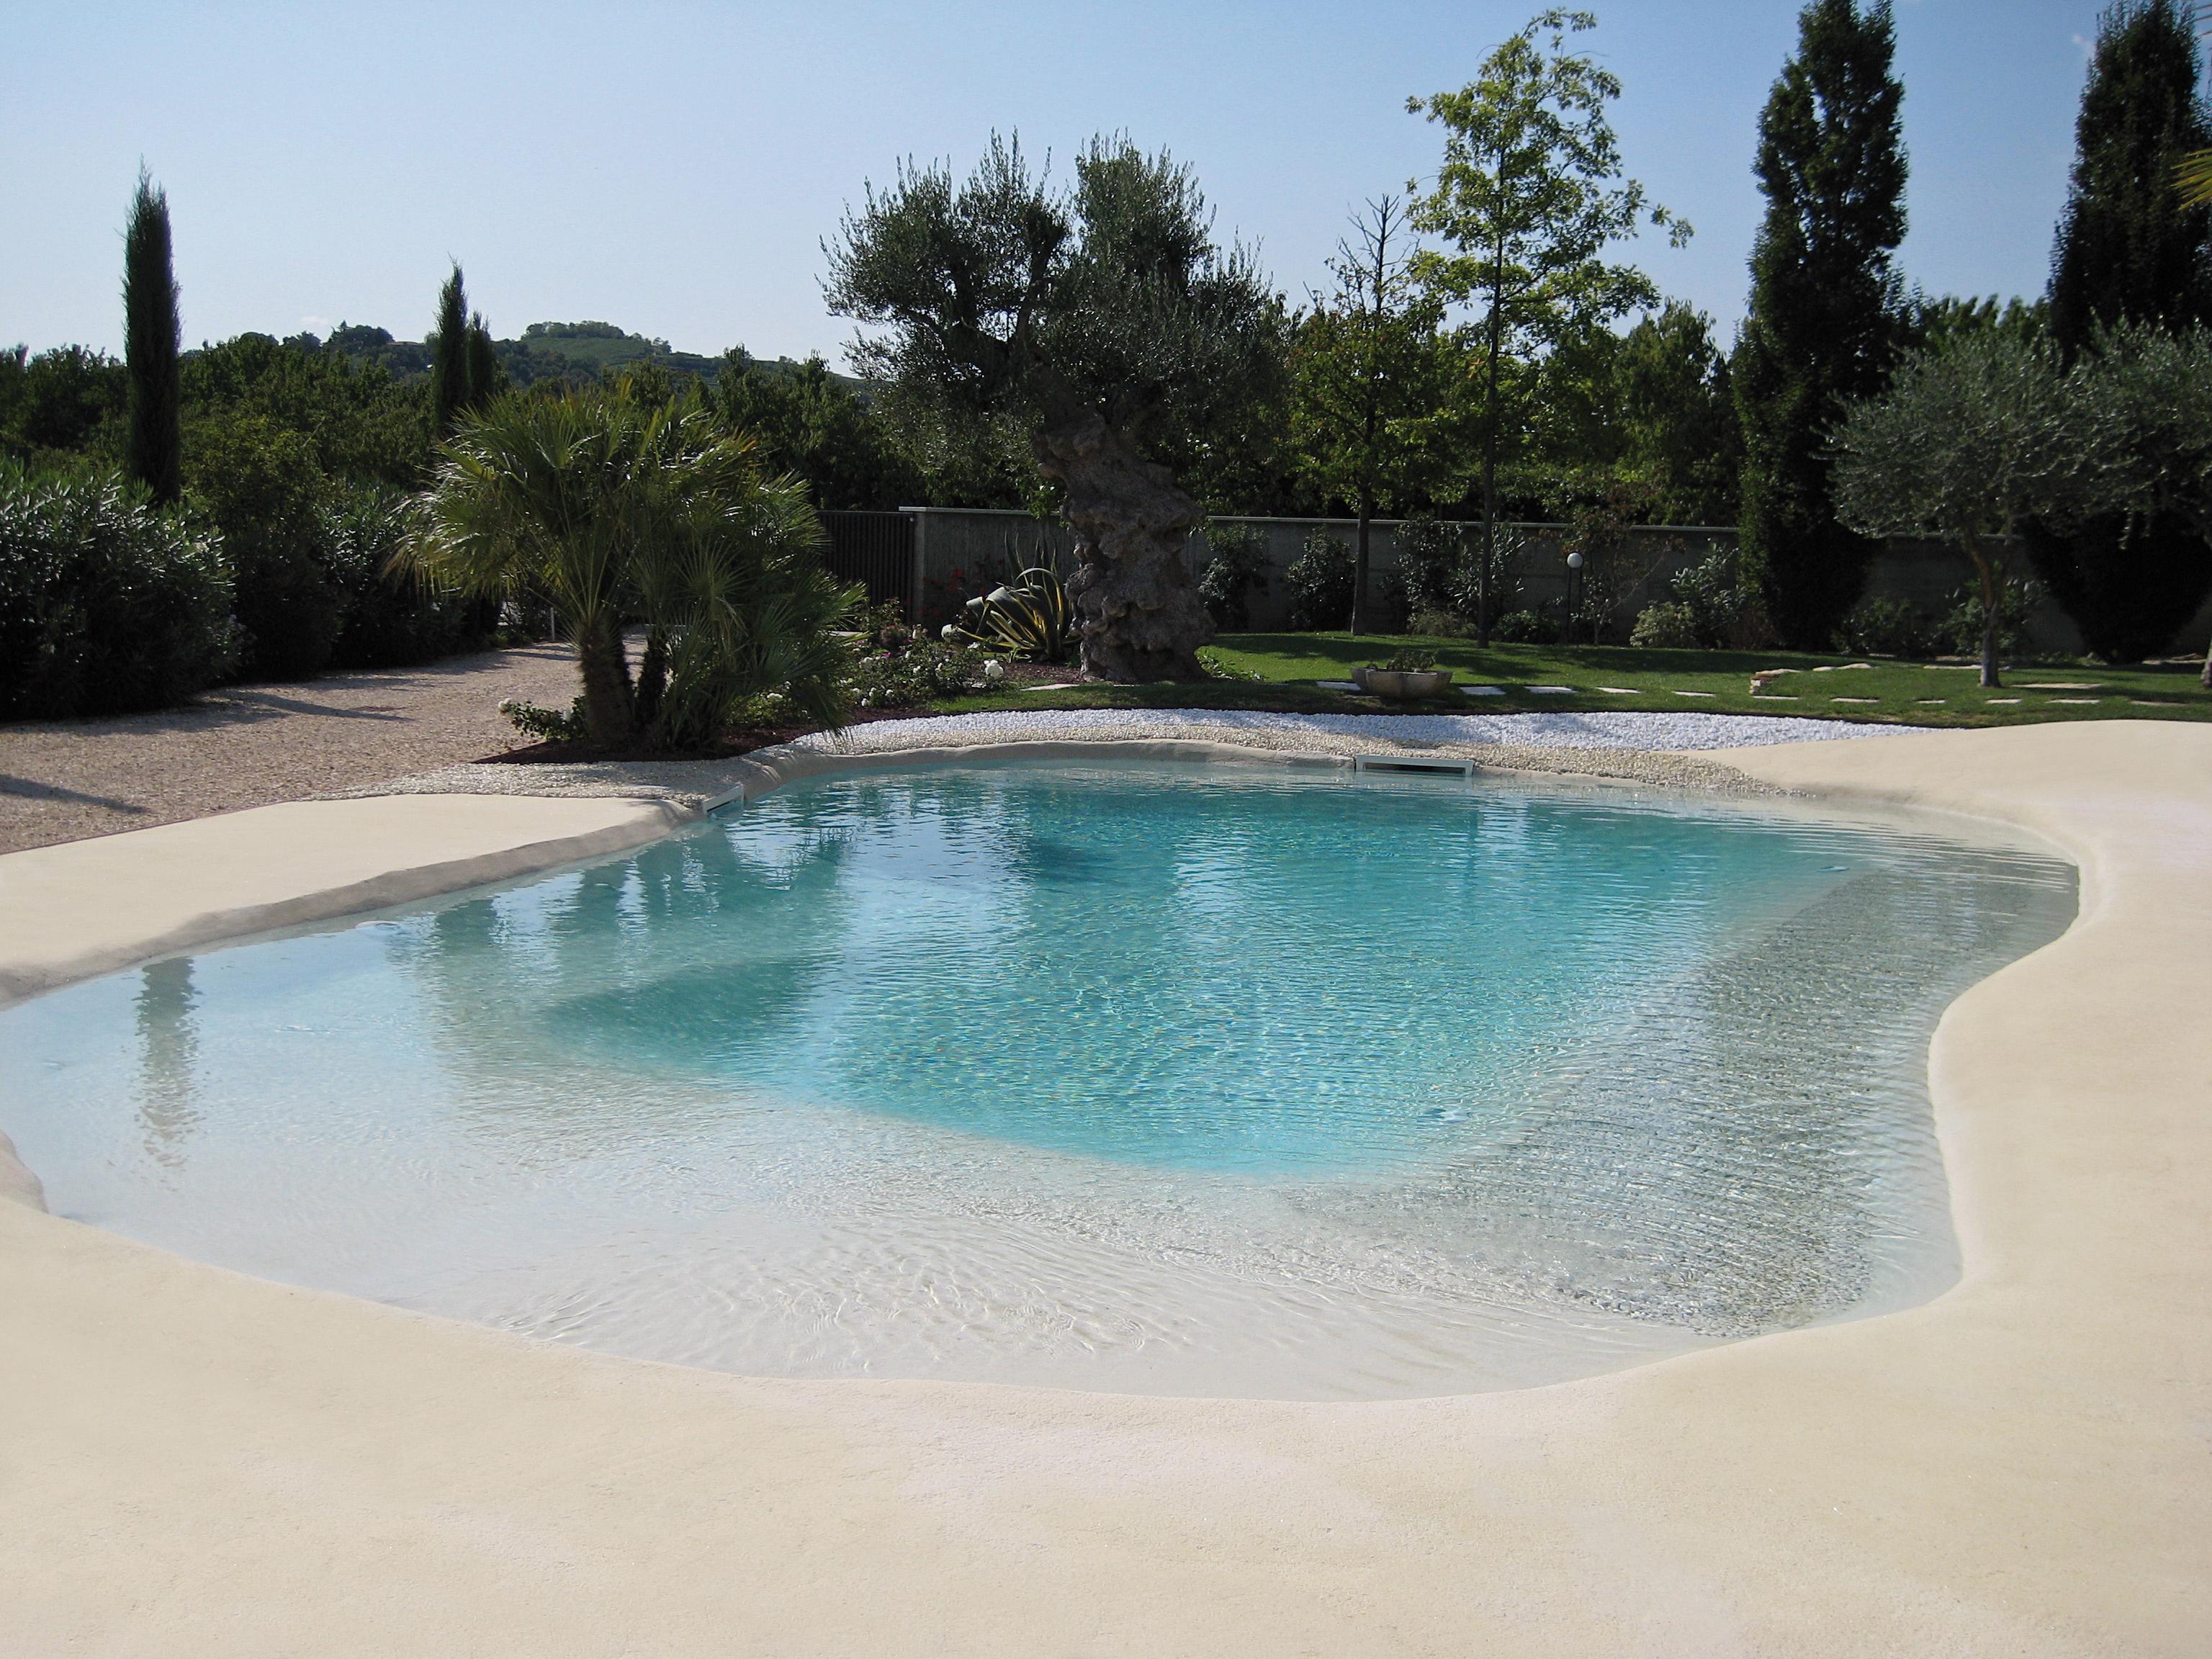 Benza realizzazione di piscine prefabbricate bio for Piscine prefabbricate interrate prezzi